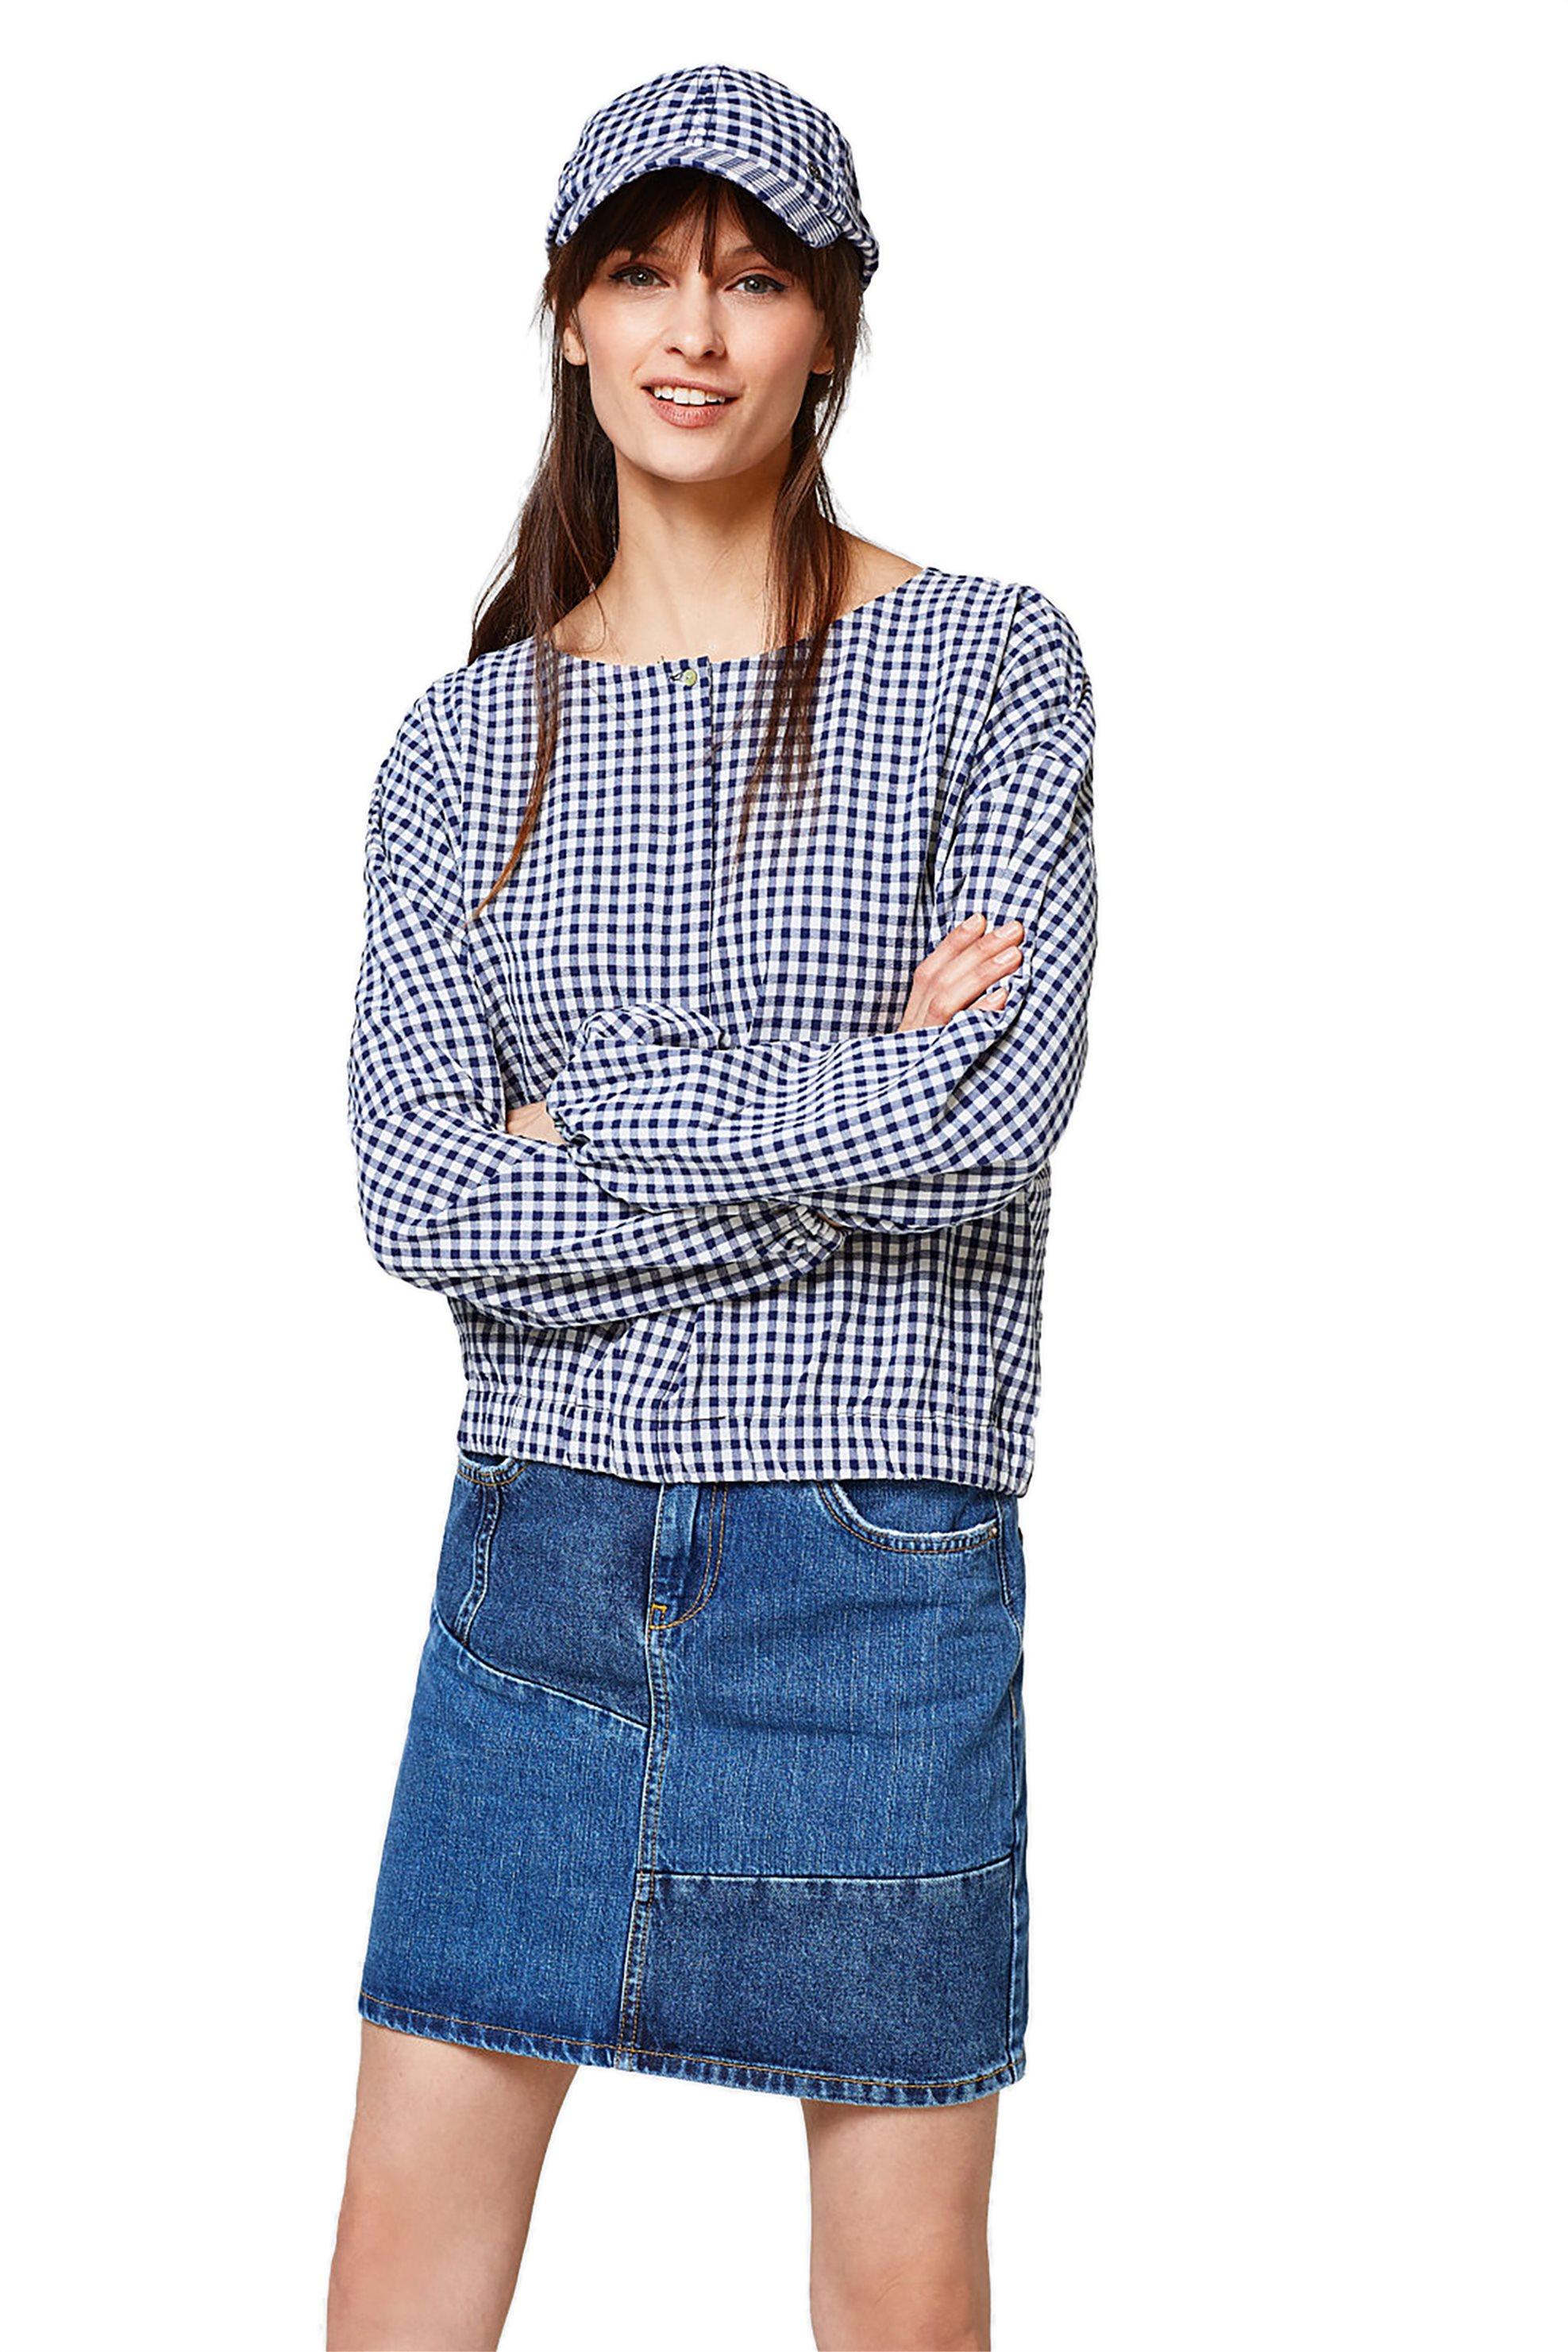 Γυναικεία μπλούζα καρό με λάστιχο στη μέση Esprit - 028EE1F004 - Μπλε γυναικα   ρουχα   tops   μπλούζες   casual